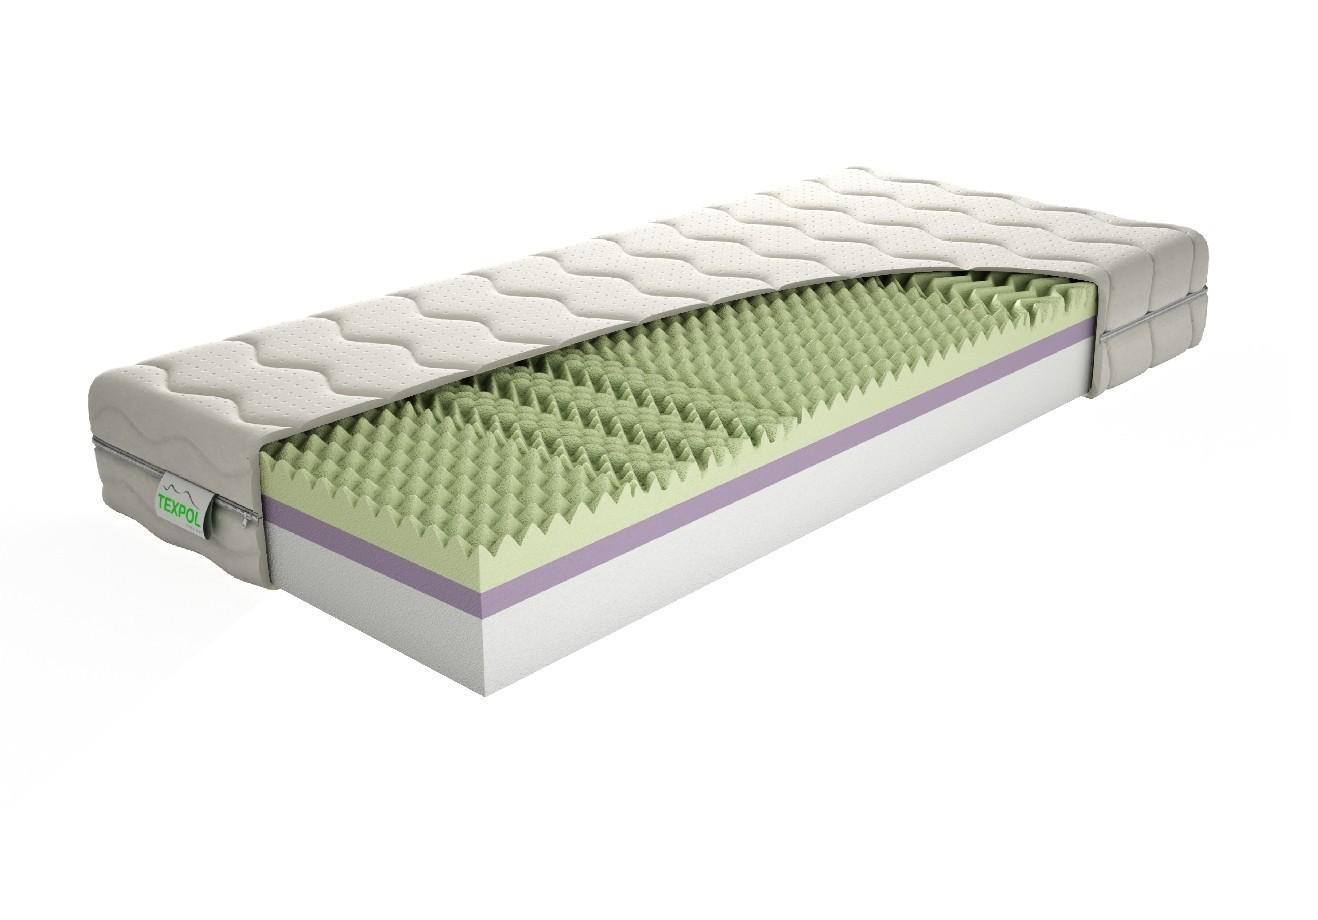 Texpol Sendvičový matrac ANETA - tvrdý obojstranný matrac 90 x 200 cm, snímateľný poťah